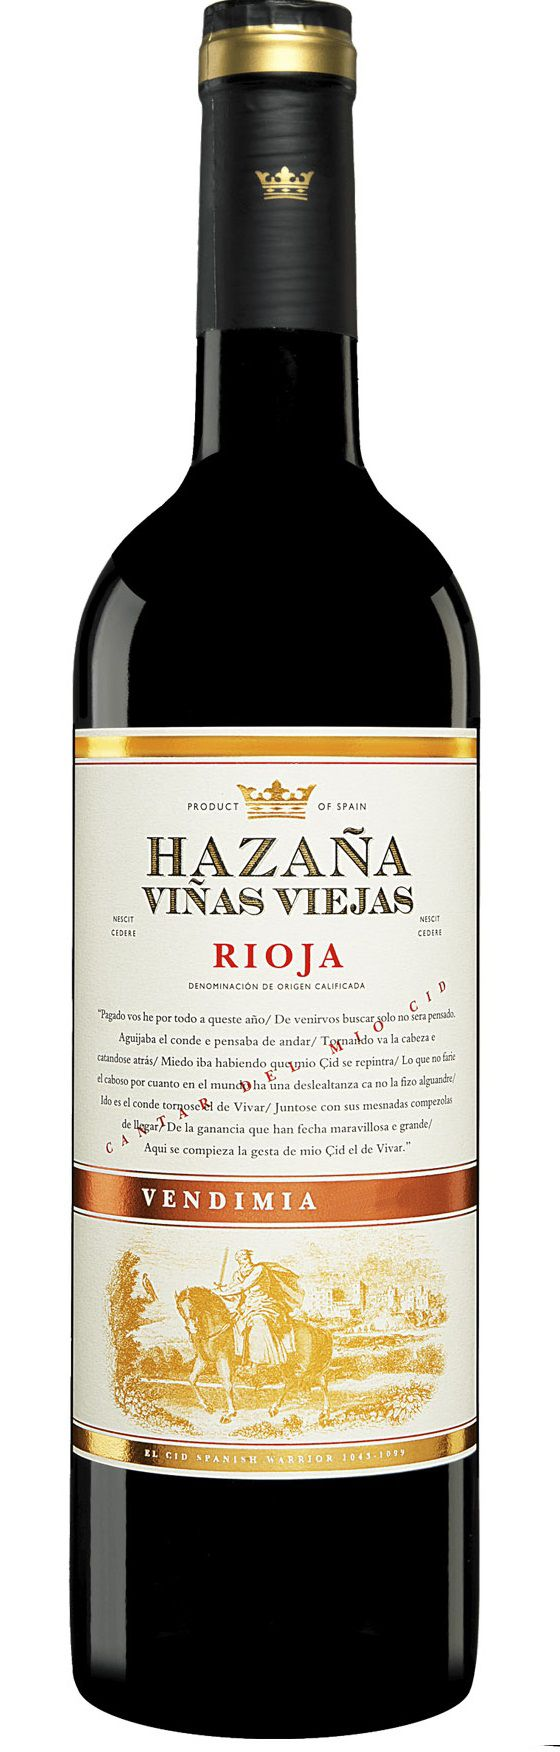 Vinho Rioja Hazana Vinas Viejas Bodegas Abanico